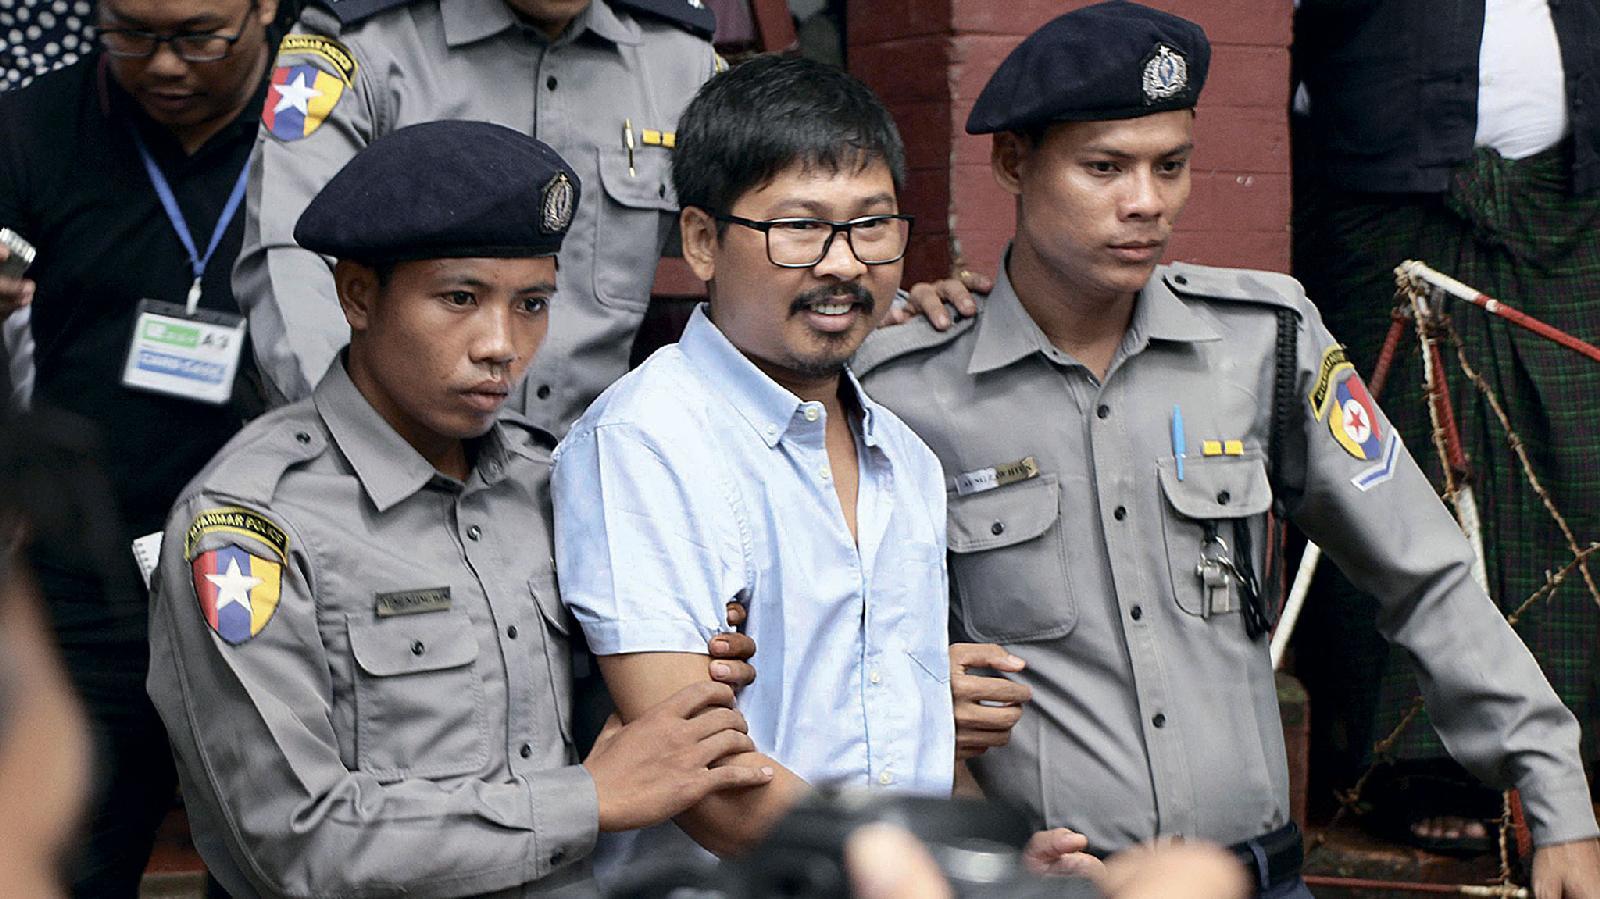 Корреспондент Reuters Ва Лон на выходе из суда в Янгоне (Мьянма). Ему предъявлено обвинение в незаконном получении секретных документов, свидетельствующих о внесудебных убийствах военными мусульман-рохинджа в штате Ракхайн. Июль 2018